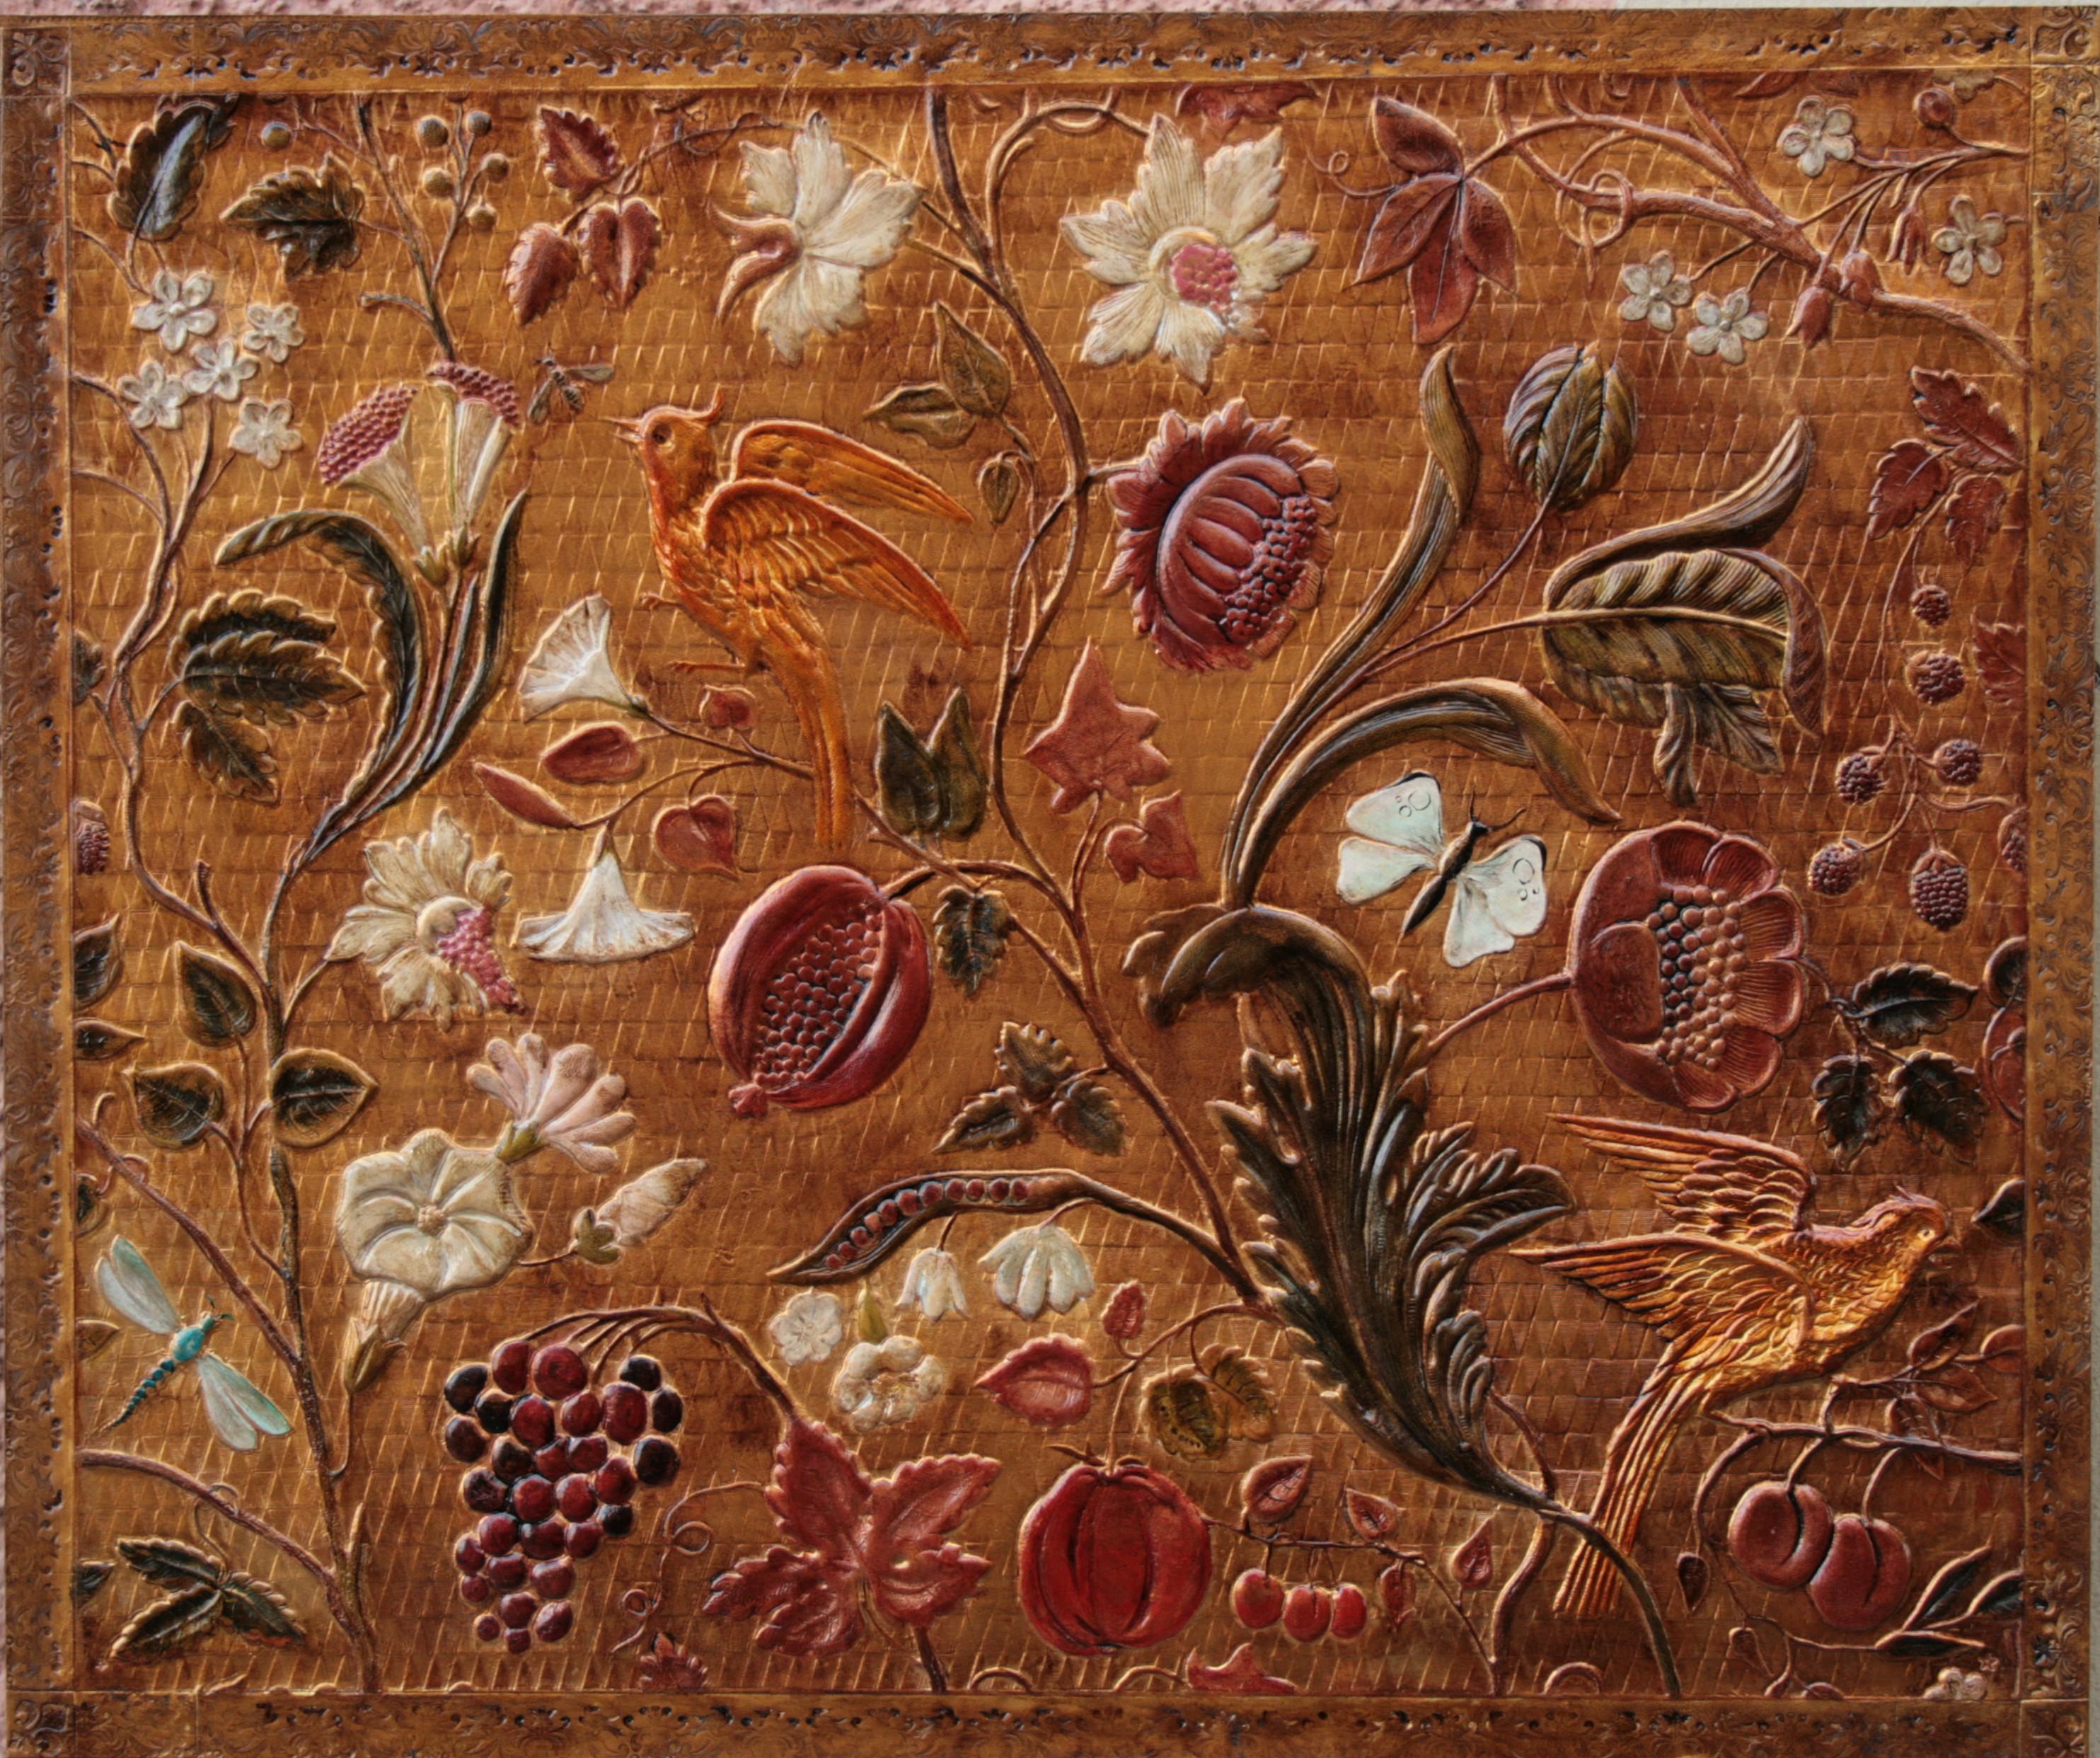 Carreau de cuir gaufré-Renaissance